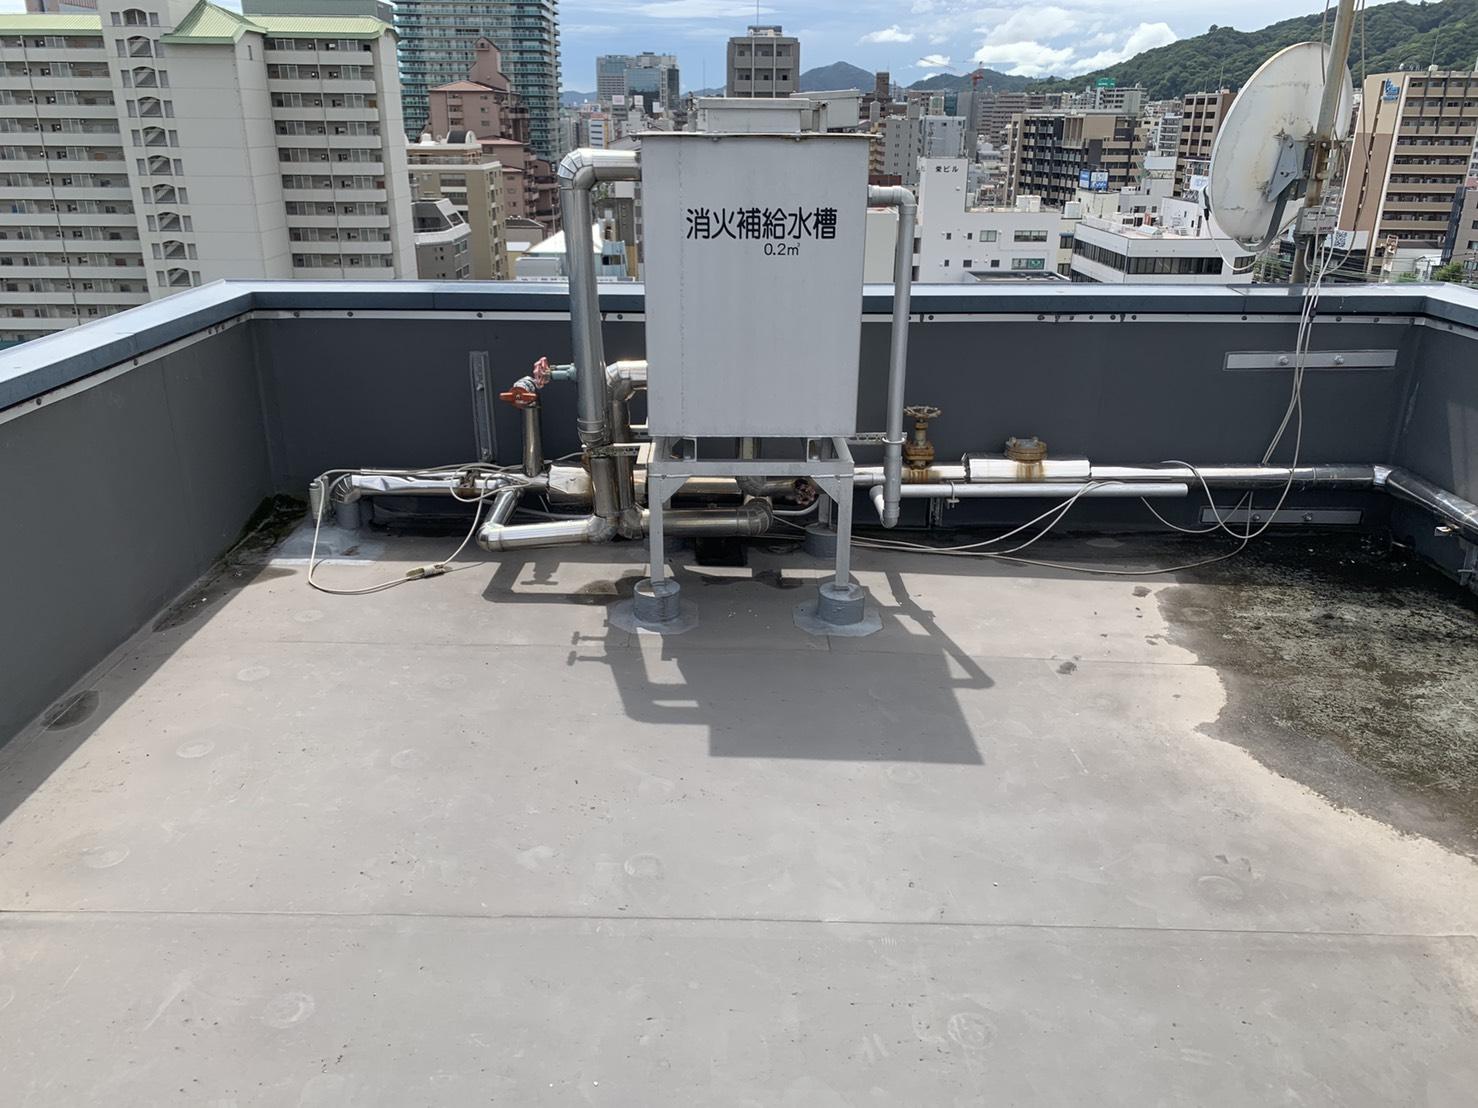 神戸市でビルの屋上より雨漏りしていたシート防水の様子